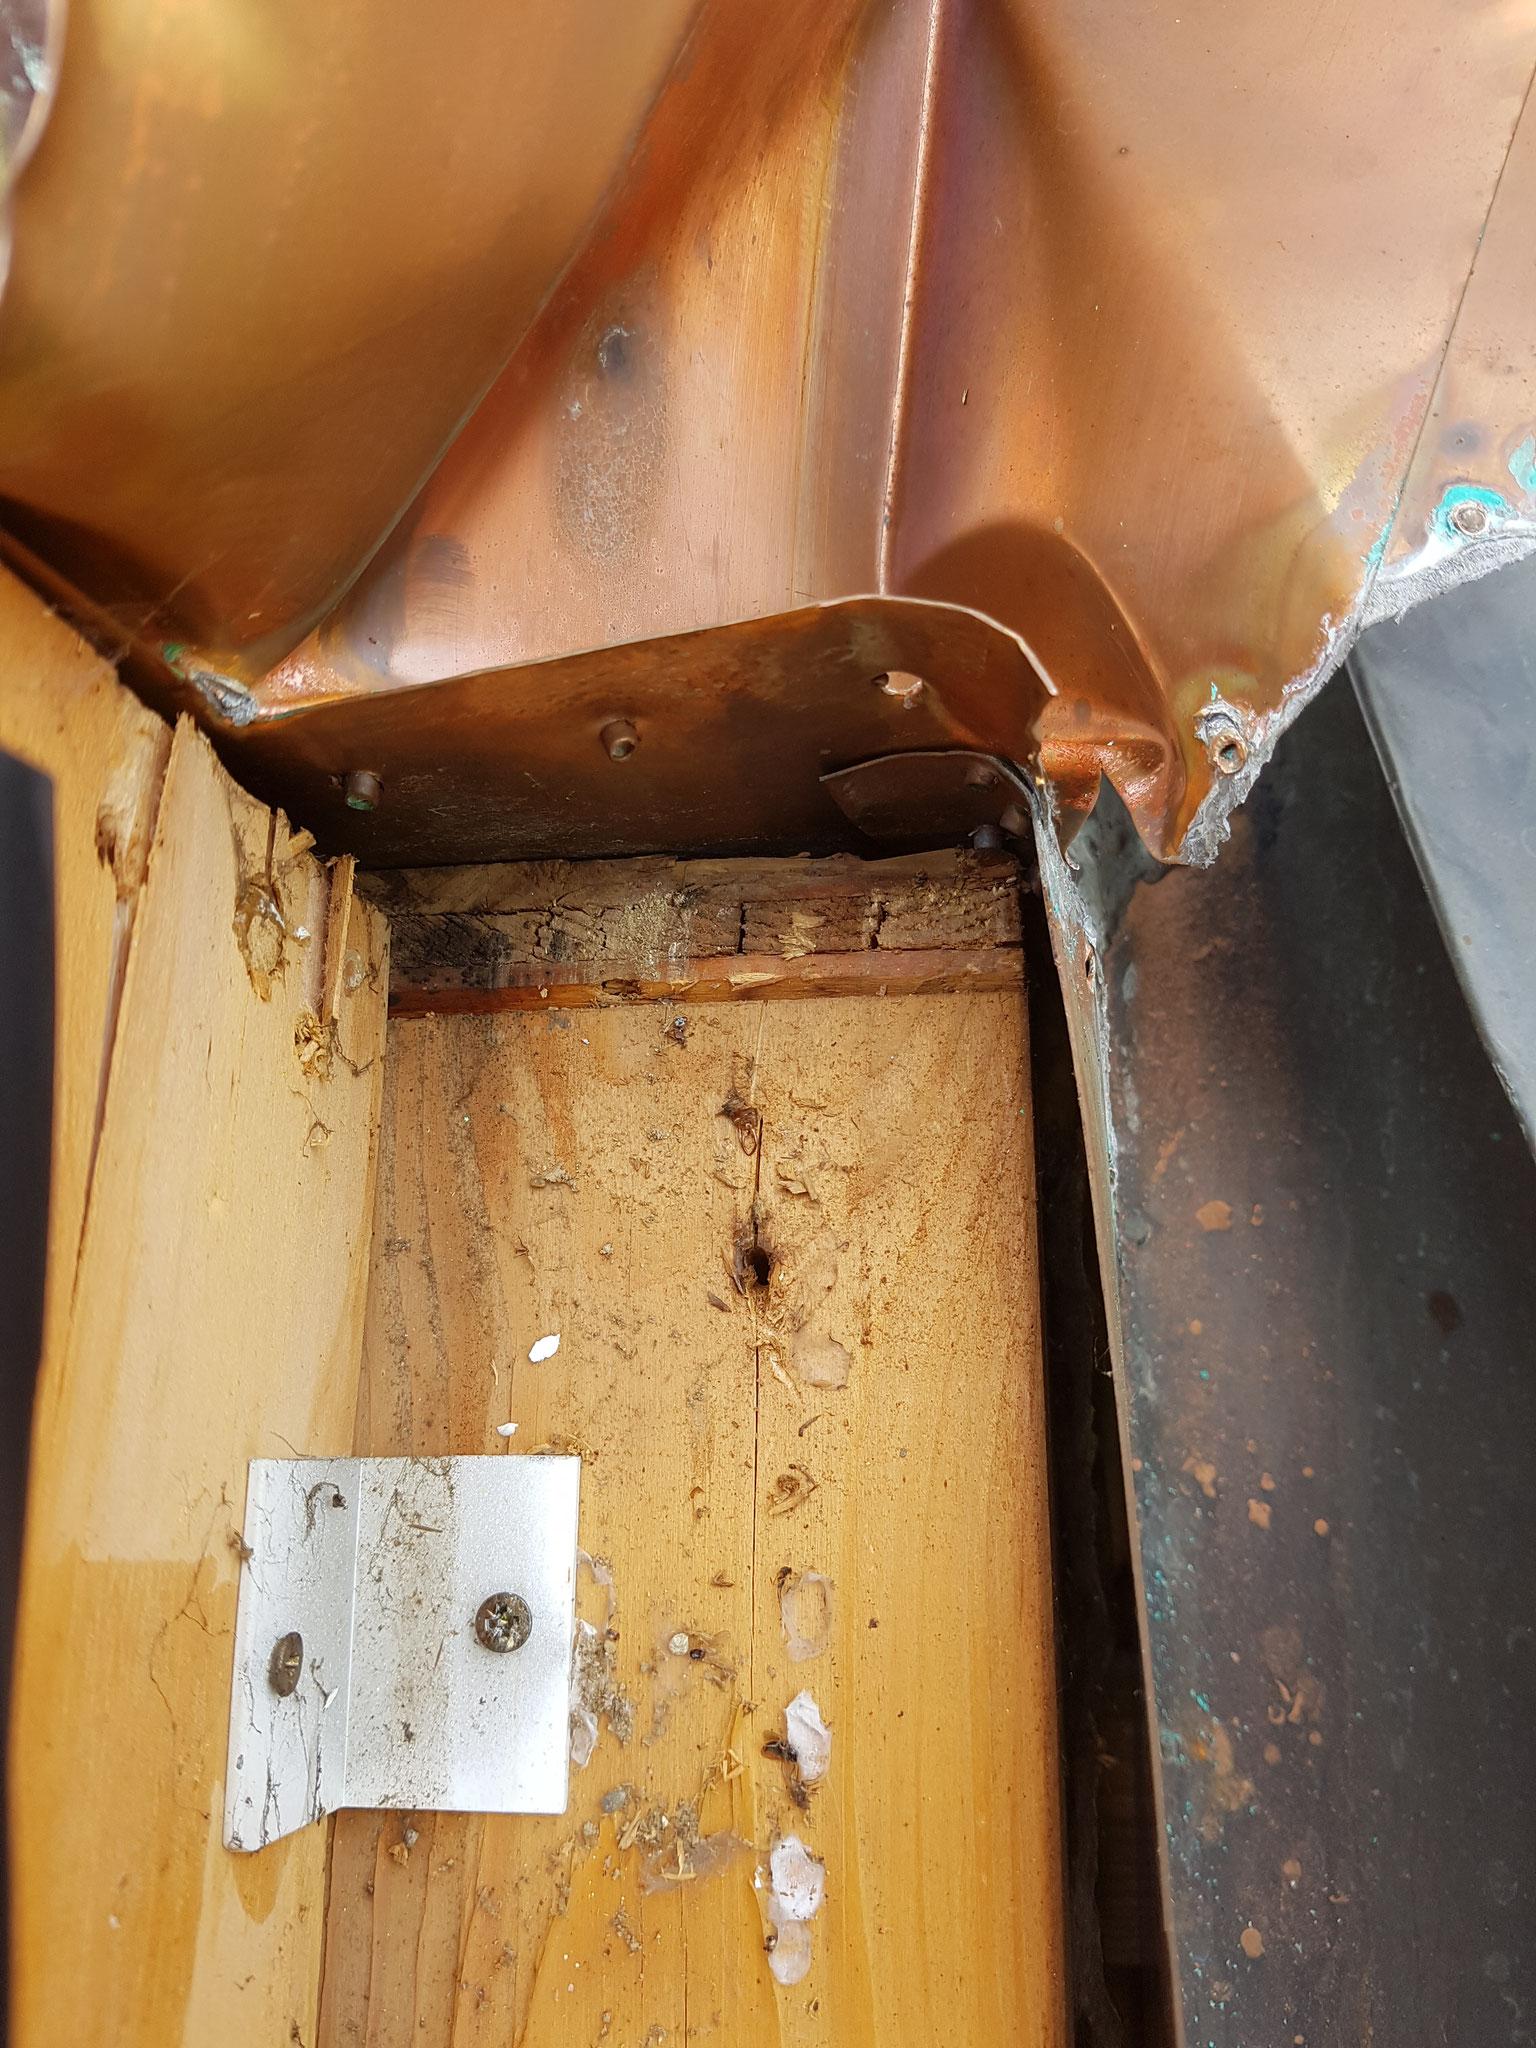 beschädigtes Holz aufgrund von Undichtigkeit